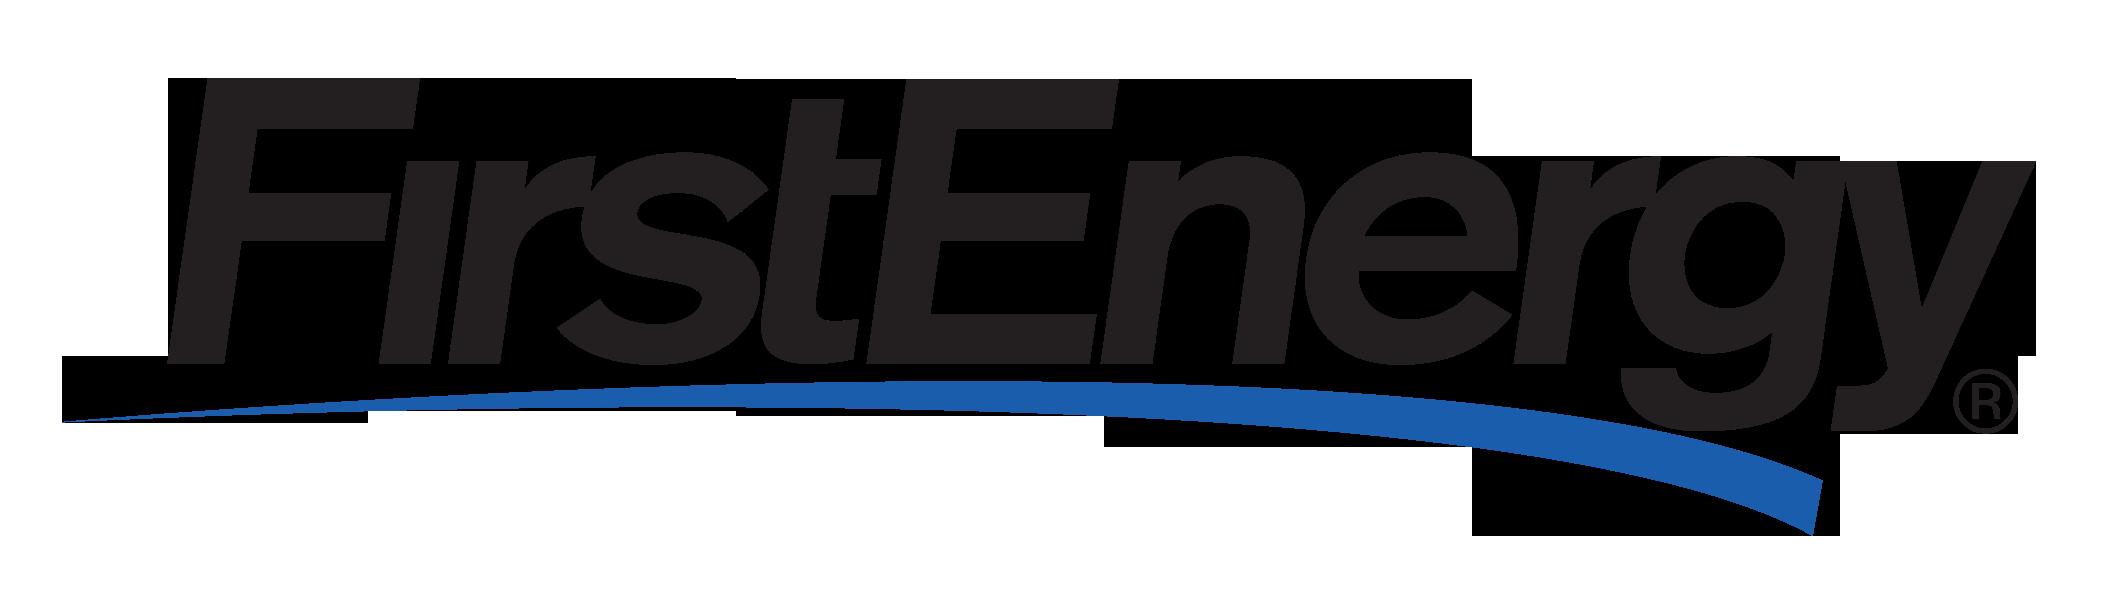 purepng.com-firstenergy-logologobrand-logoiconslogos-251519940147qkcky